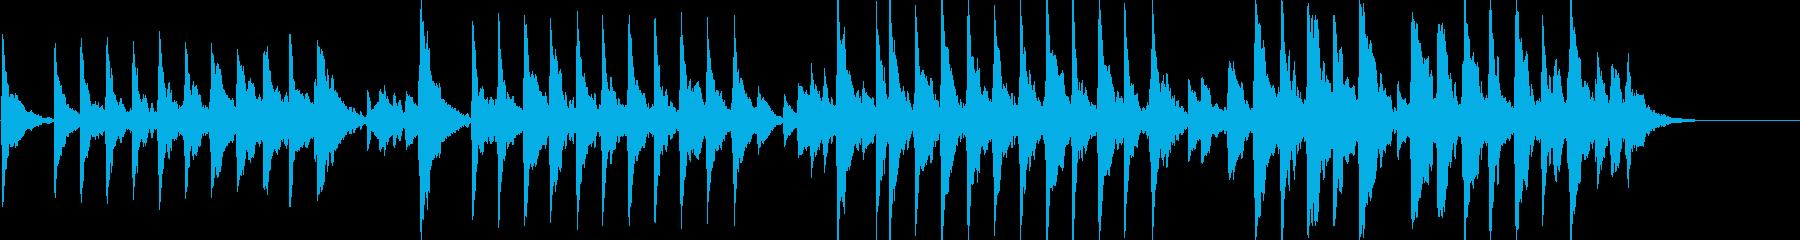 童謡「夕焼け小焼け」オルゴールbpm86の再生済みの波形